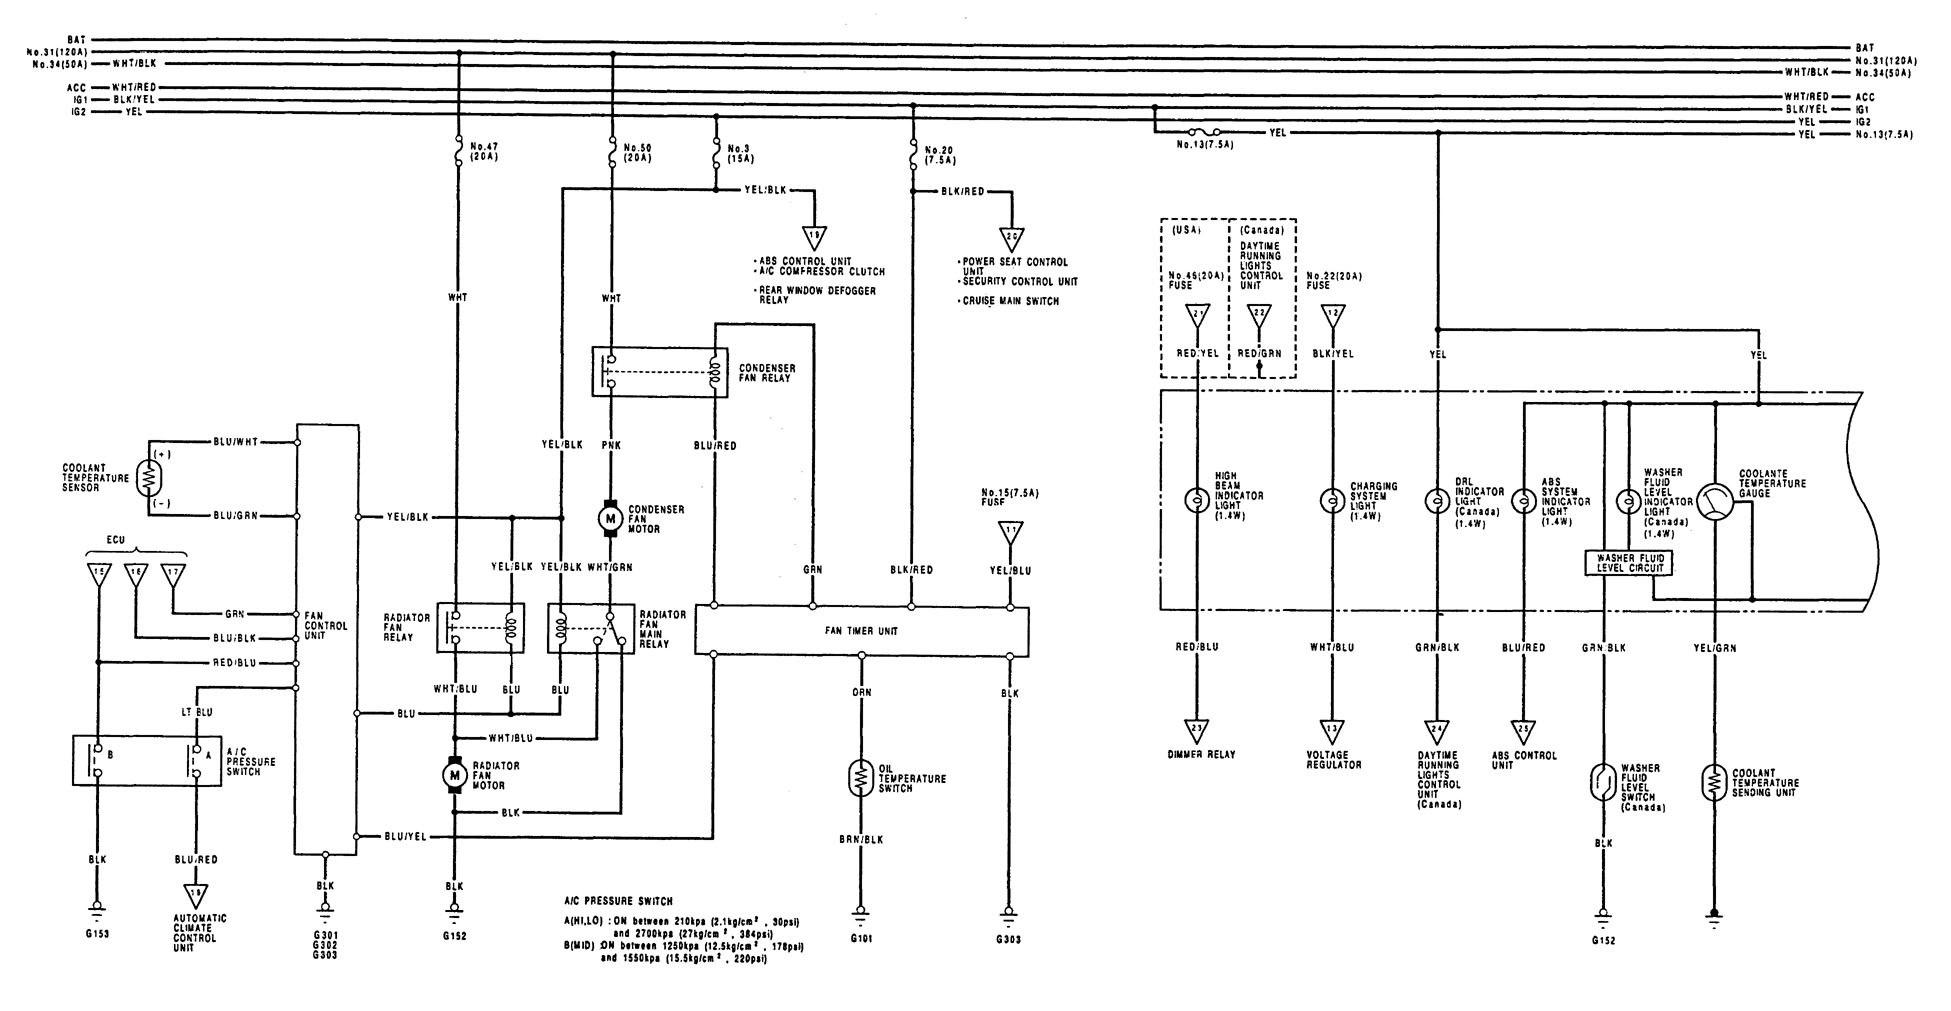 Wf 4188 1992 Acura Legend Engine Diagram Download Diagram